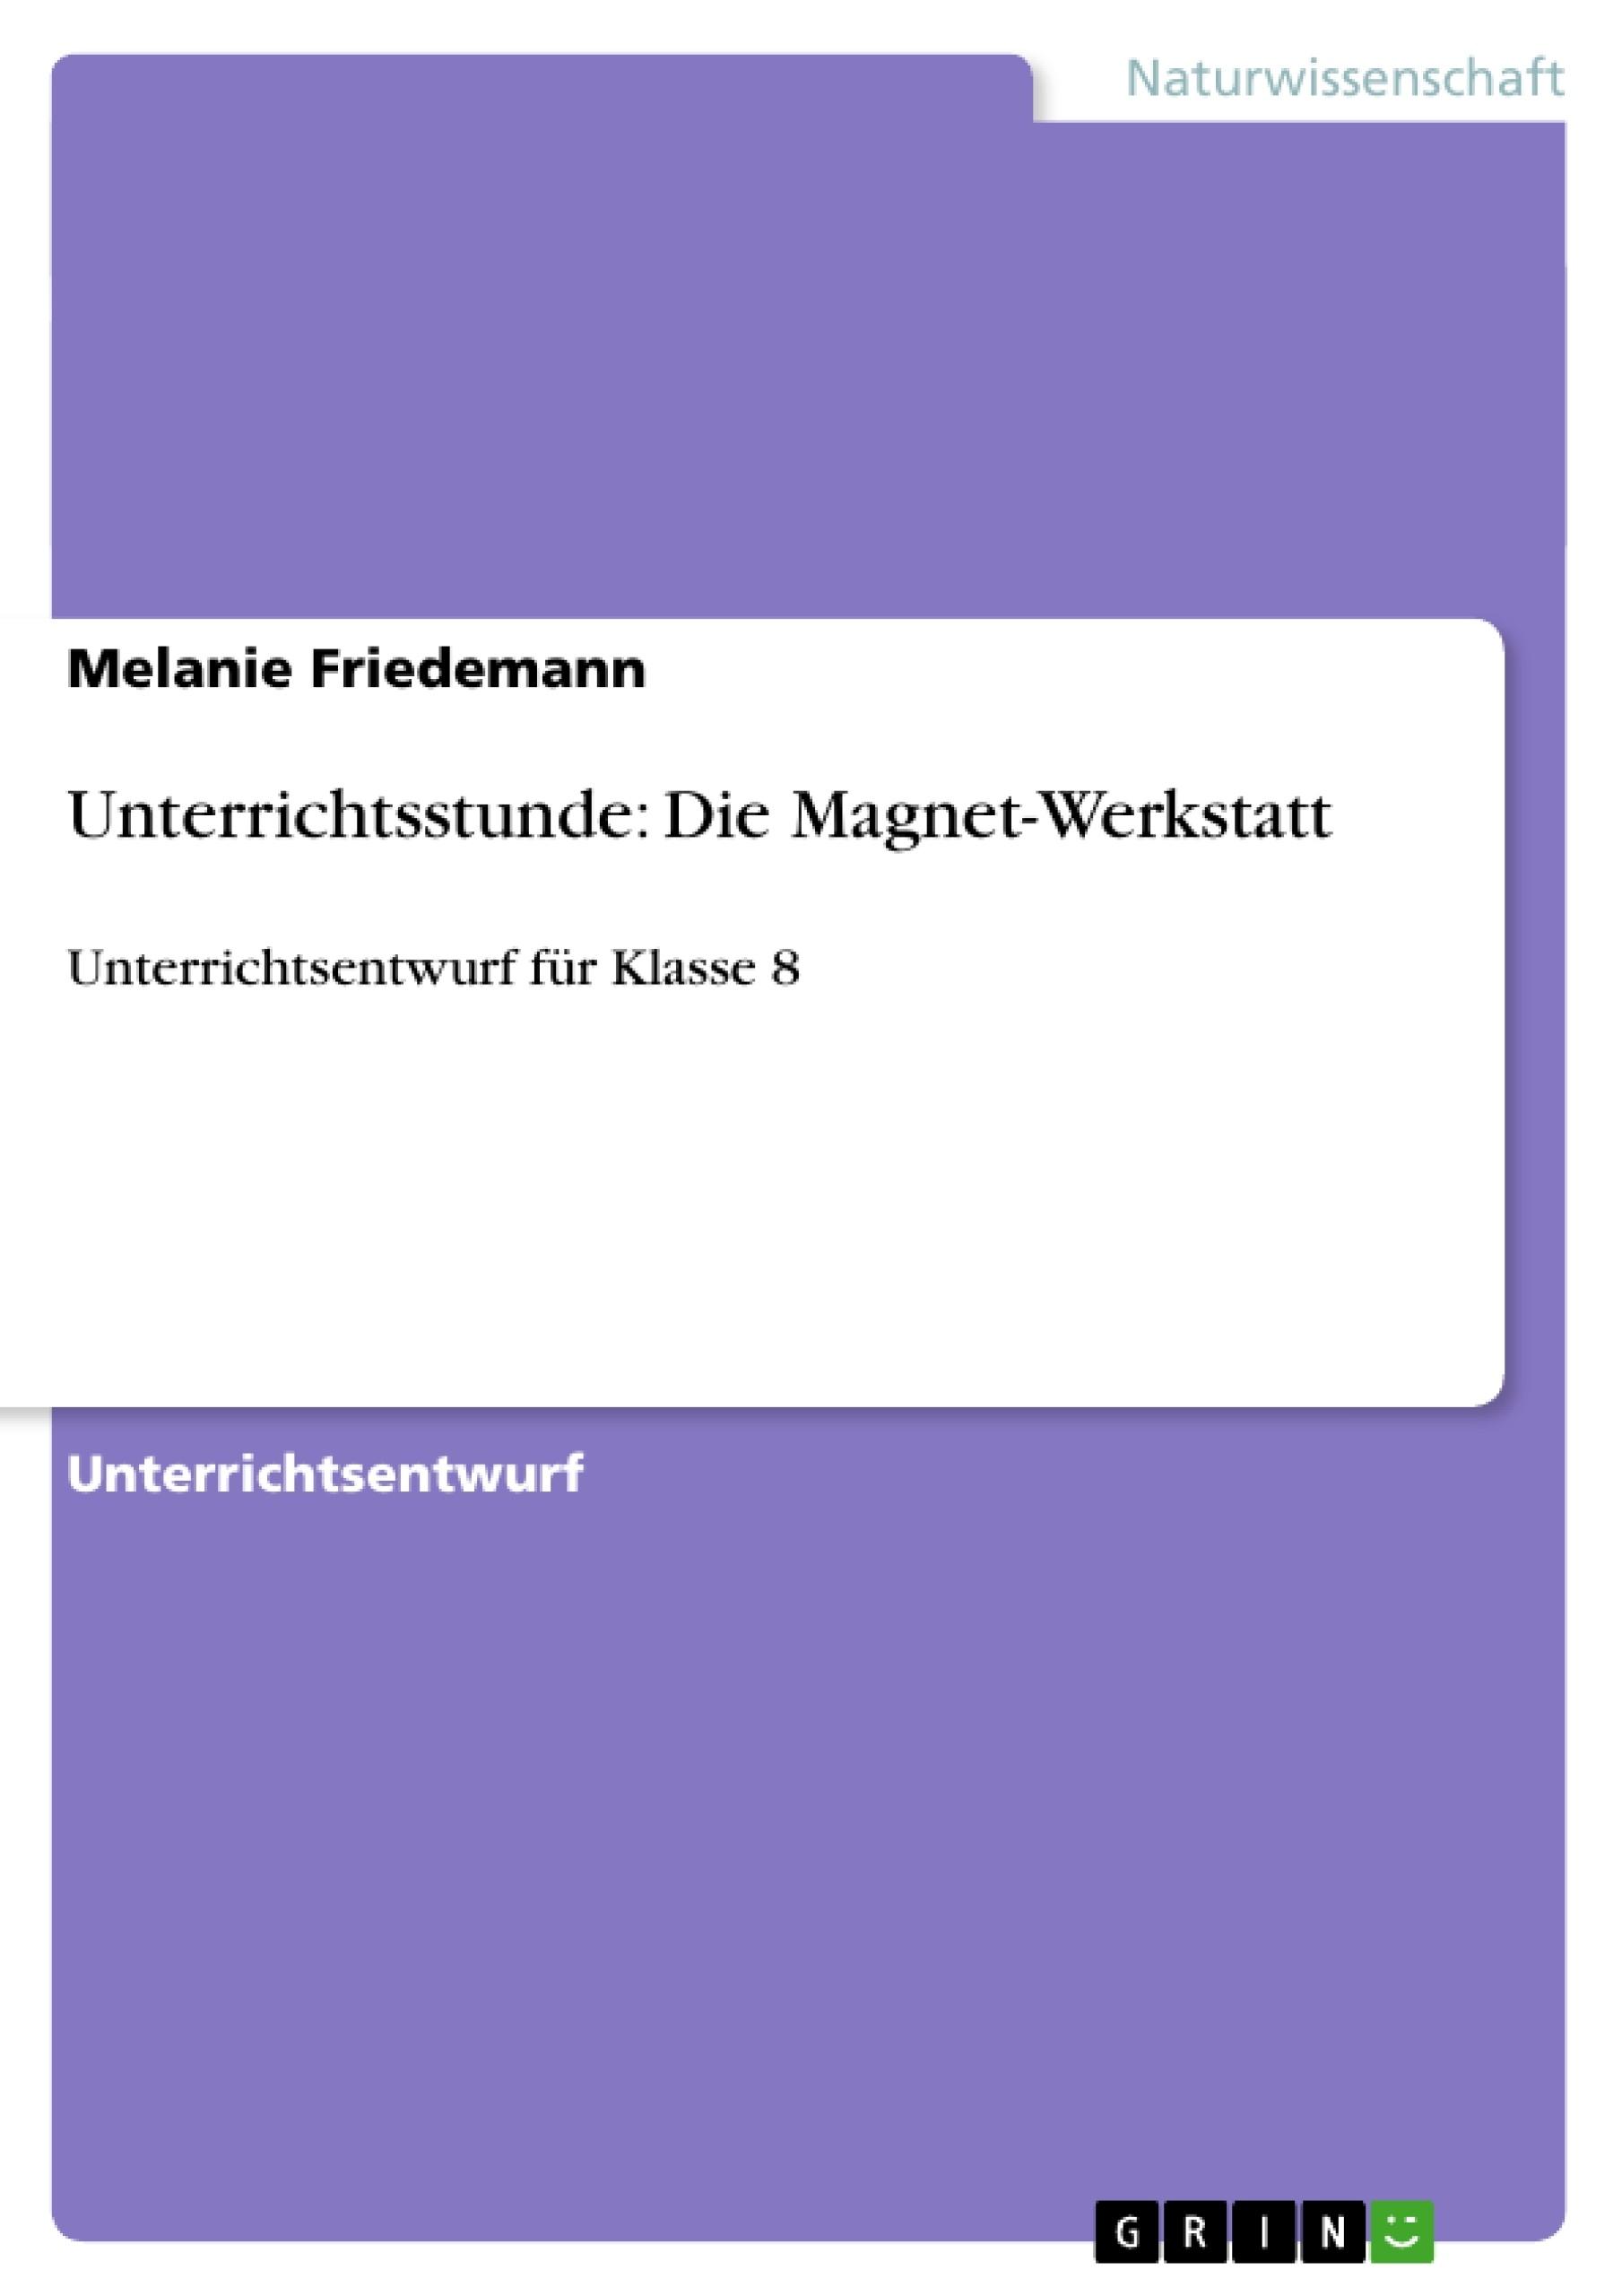 Unterrichtsstunde: Die Magnet-Werkstatt | Masterarbeit, Hausarbeit ...